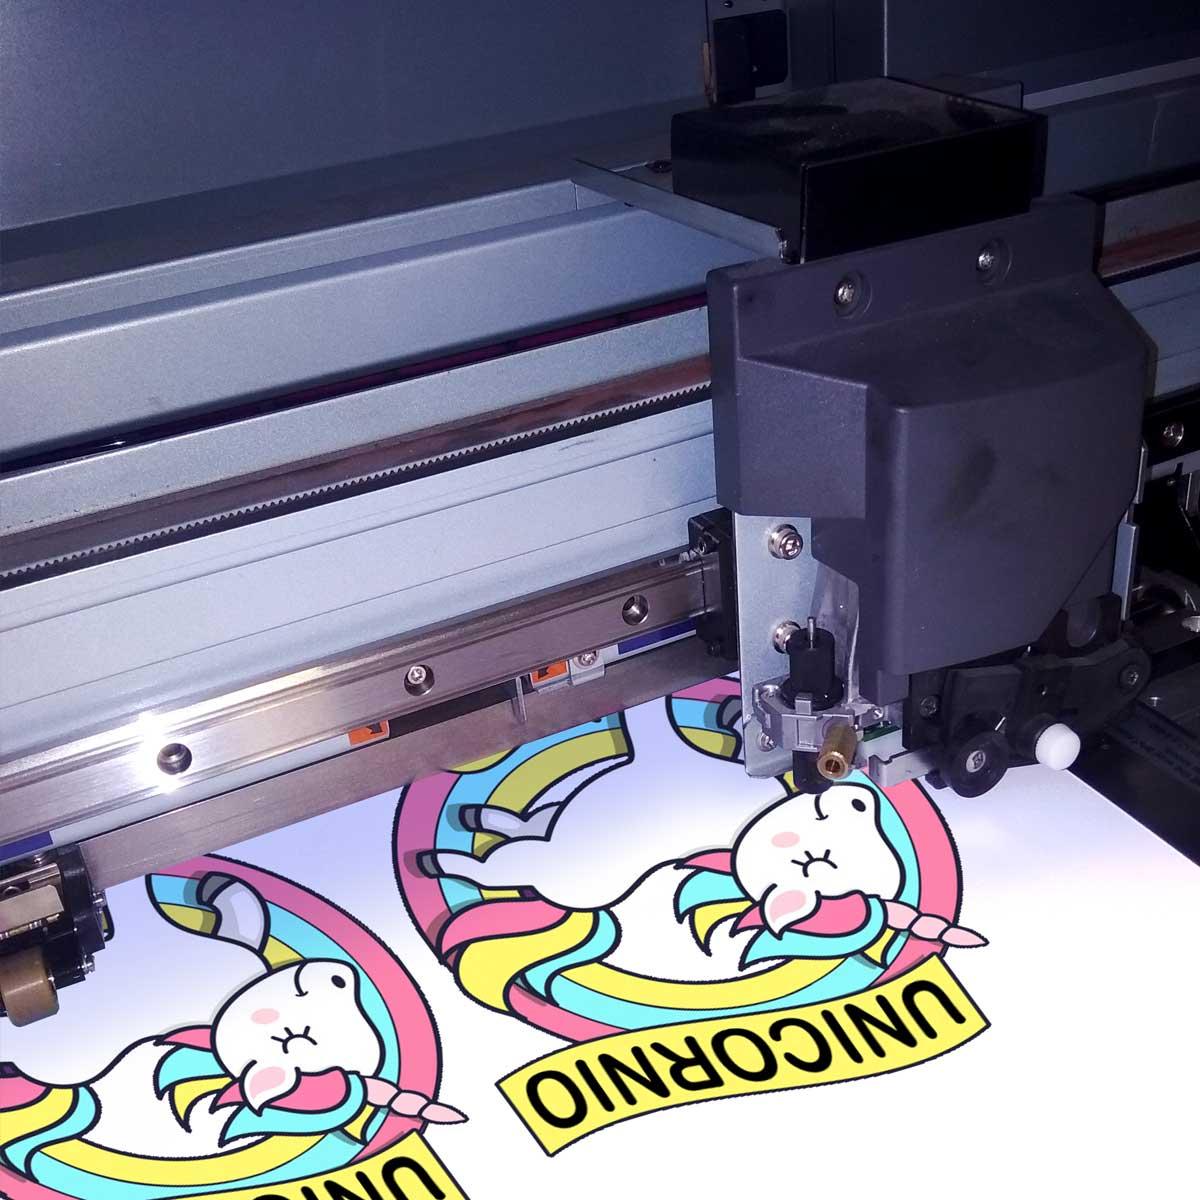 Transfer Print-Cut | Estampería digital | ArtecolorVisual